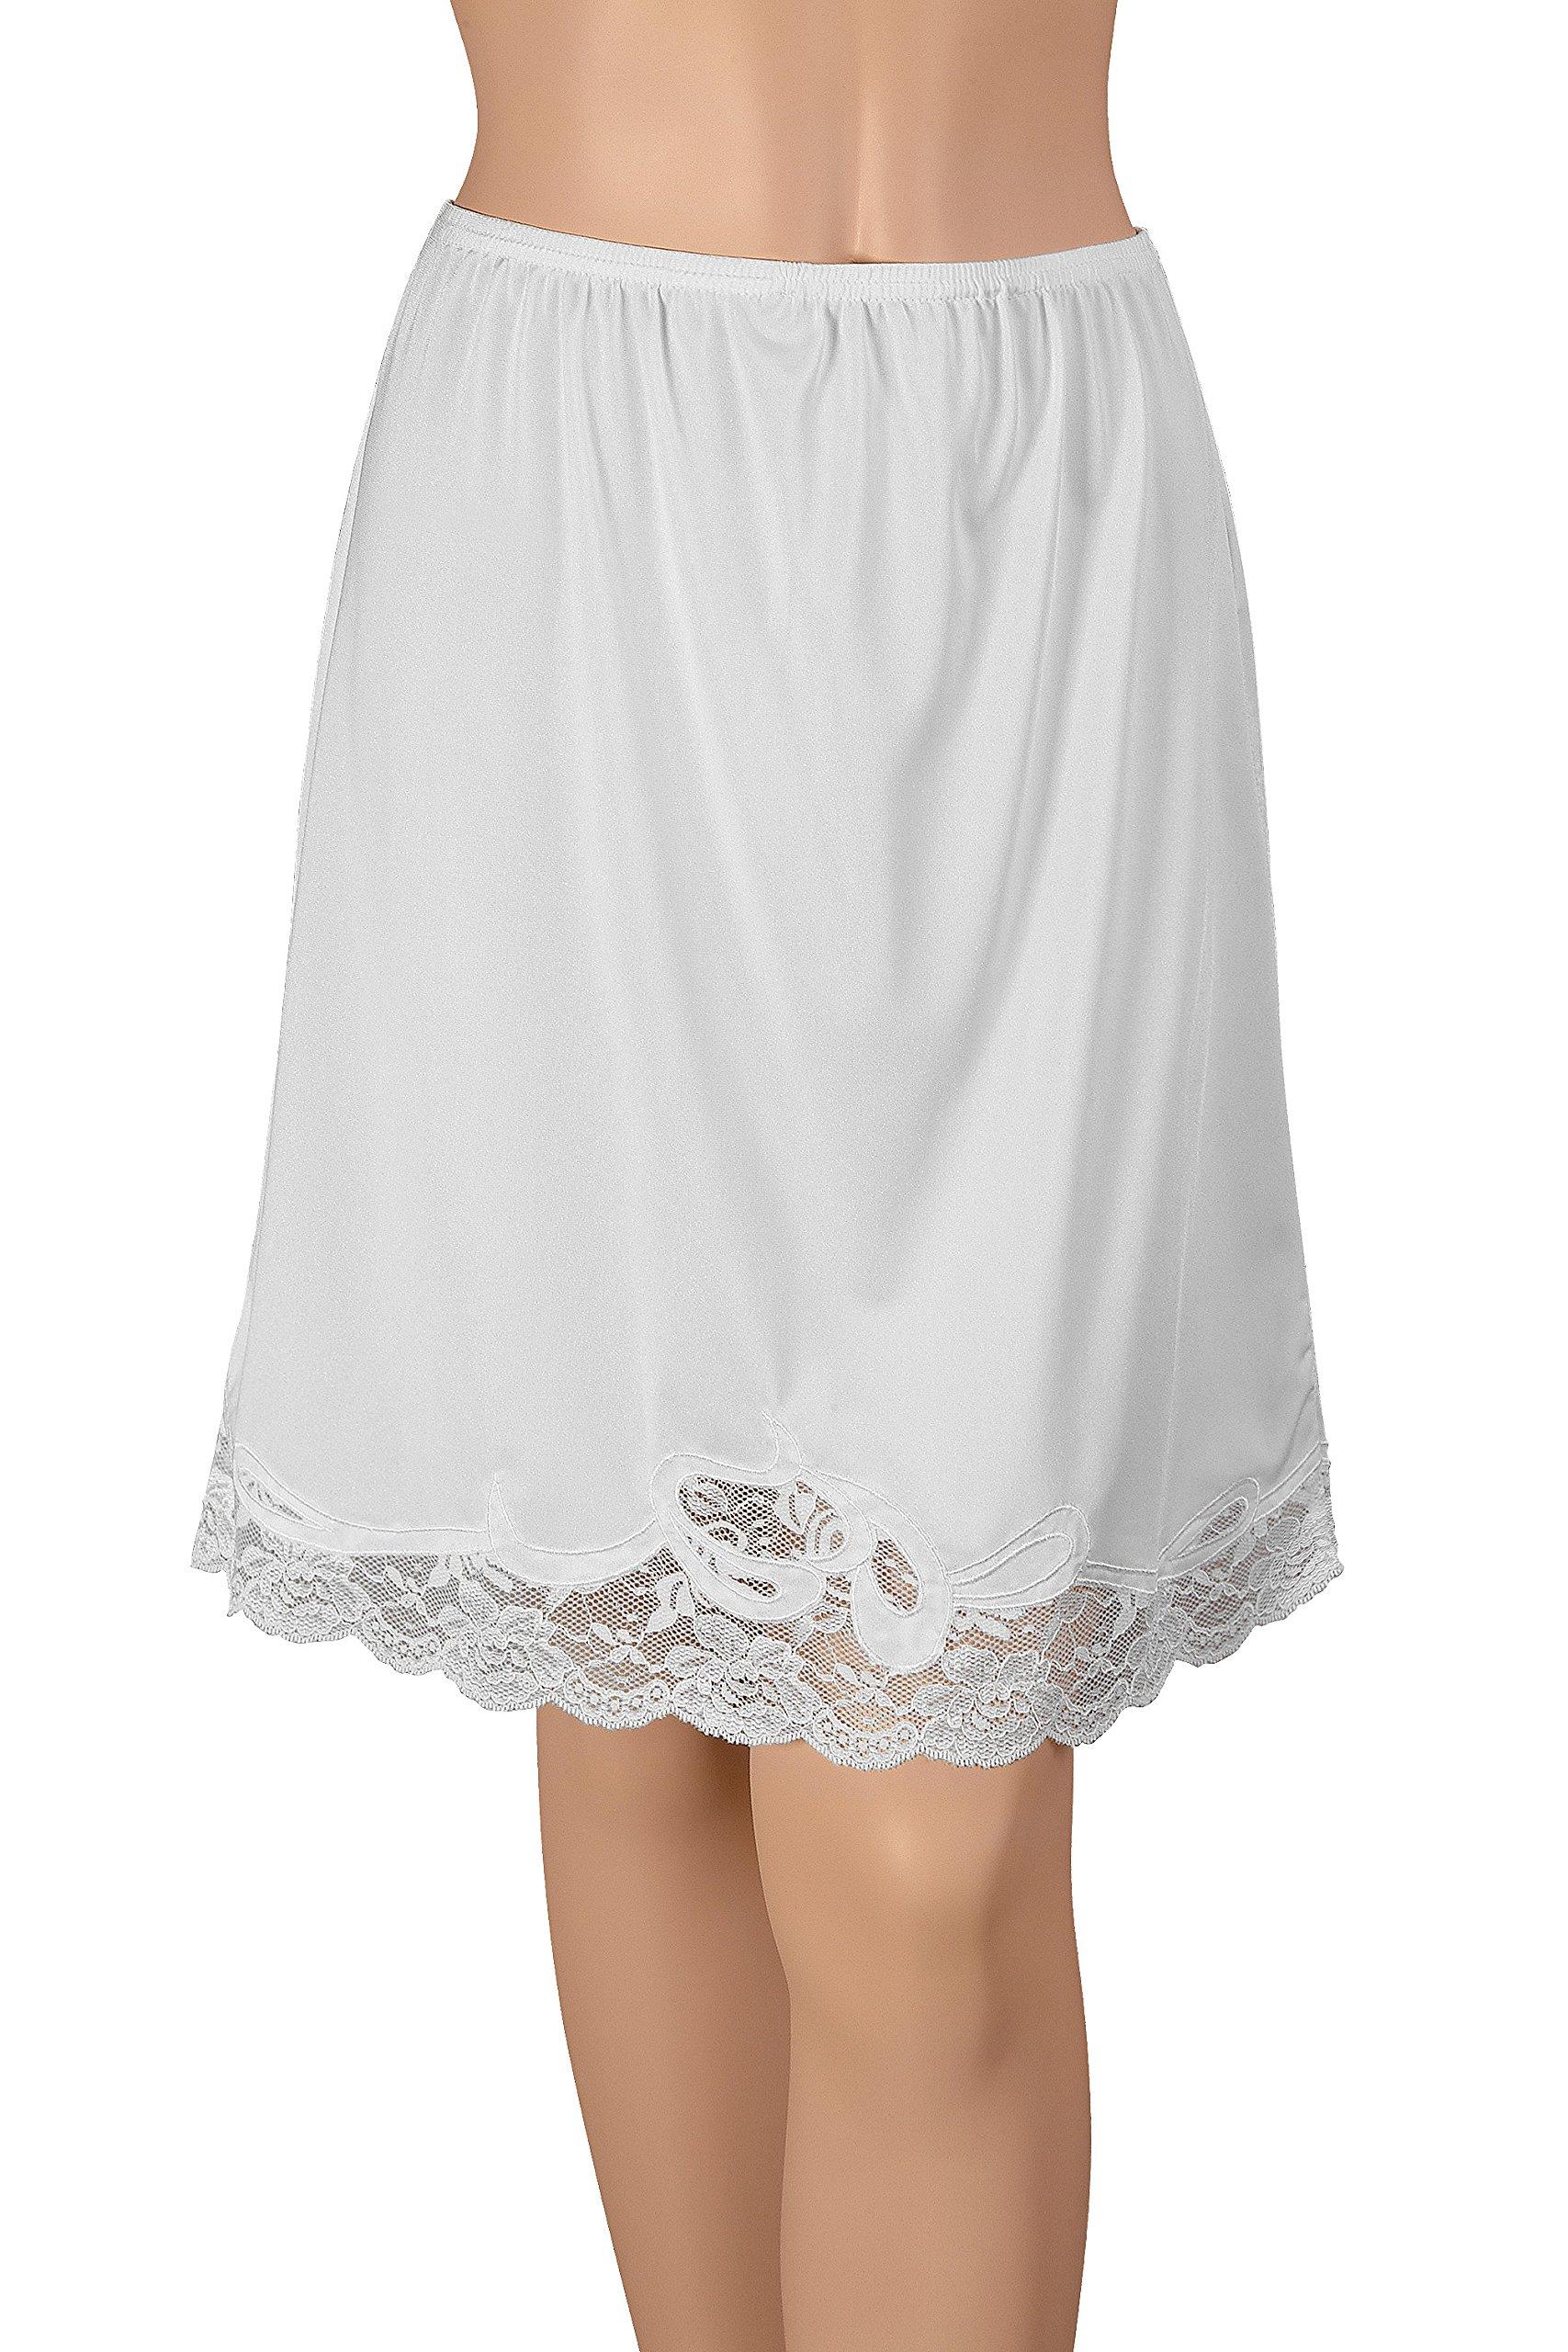 47877844f38 Best Rated in Women s Shapewear Slips   Helpful Customer Reviews ...